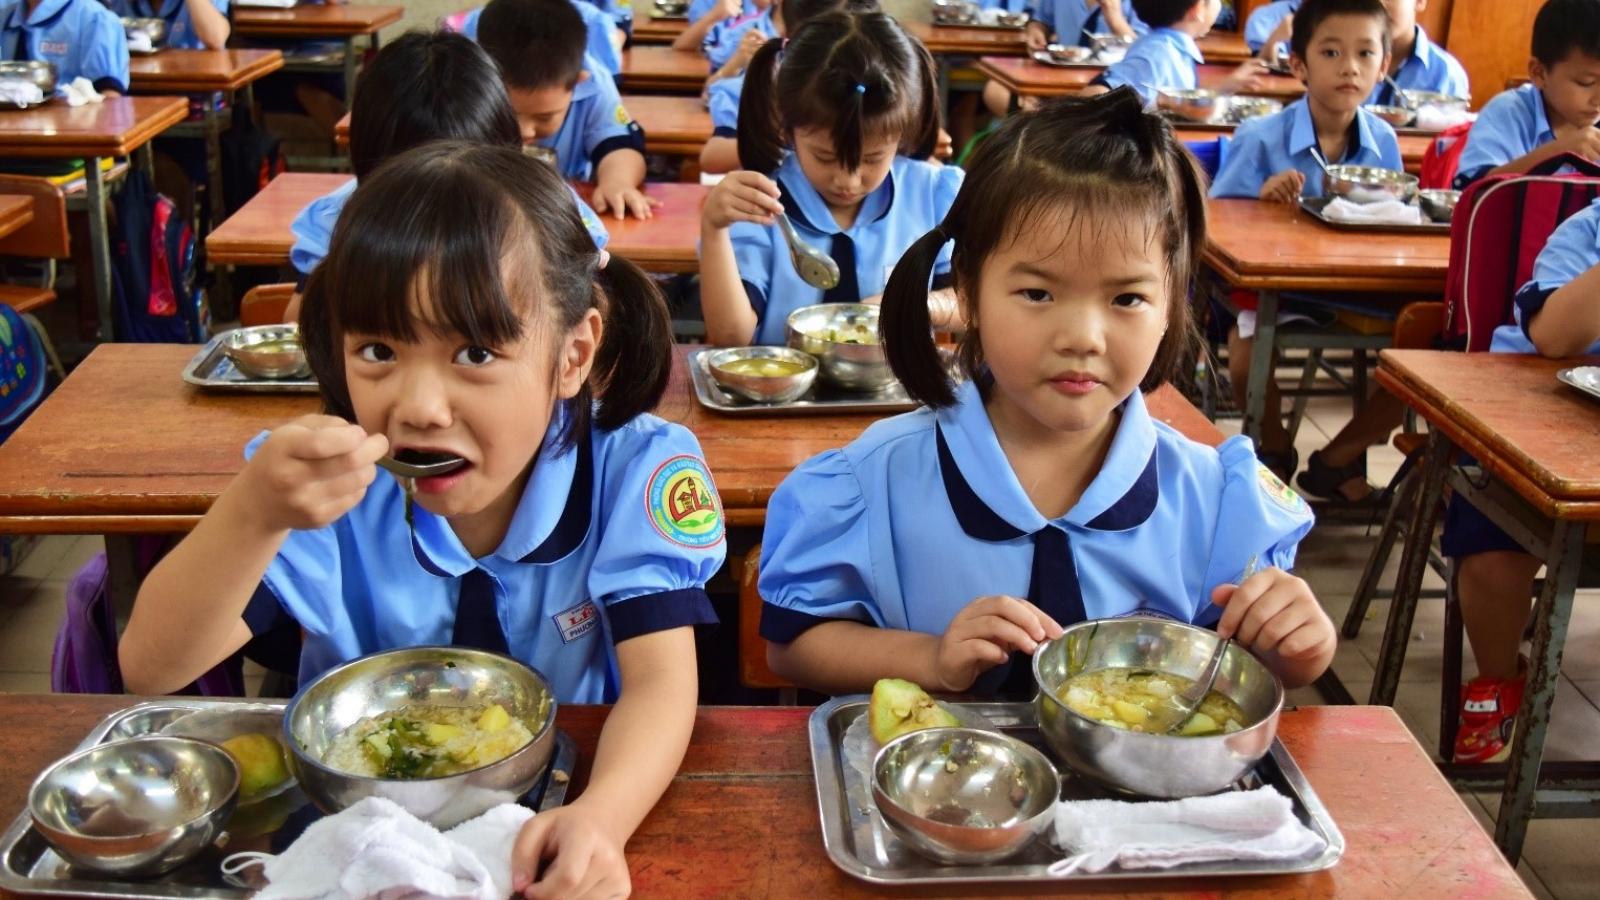 Nâng cao sức khỏe cho học sinh từ thực đơn cân bằng dinh dưỡng